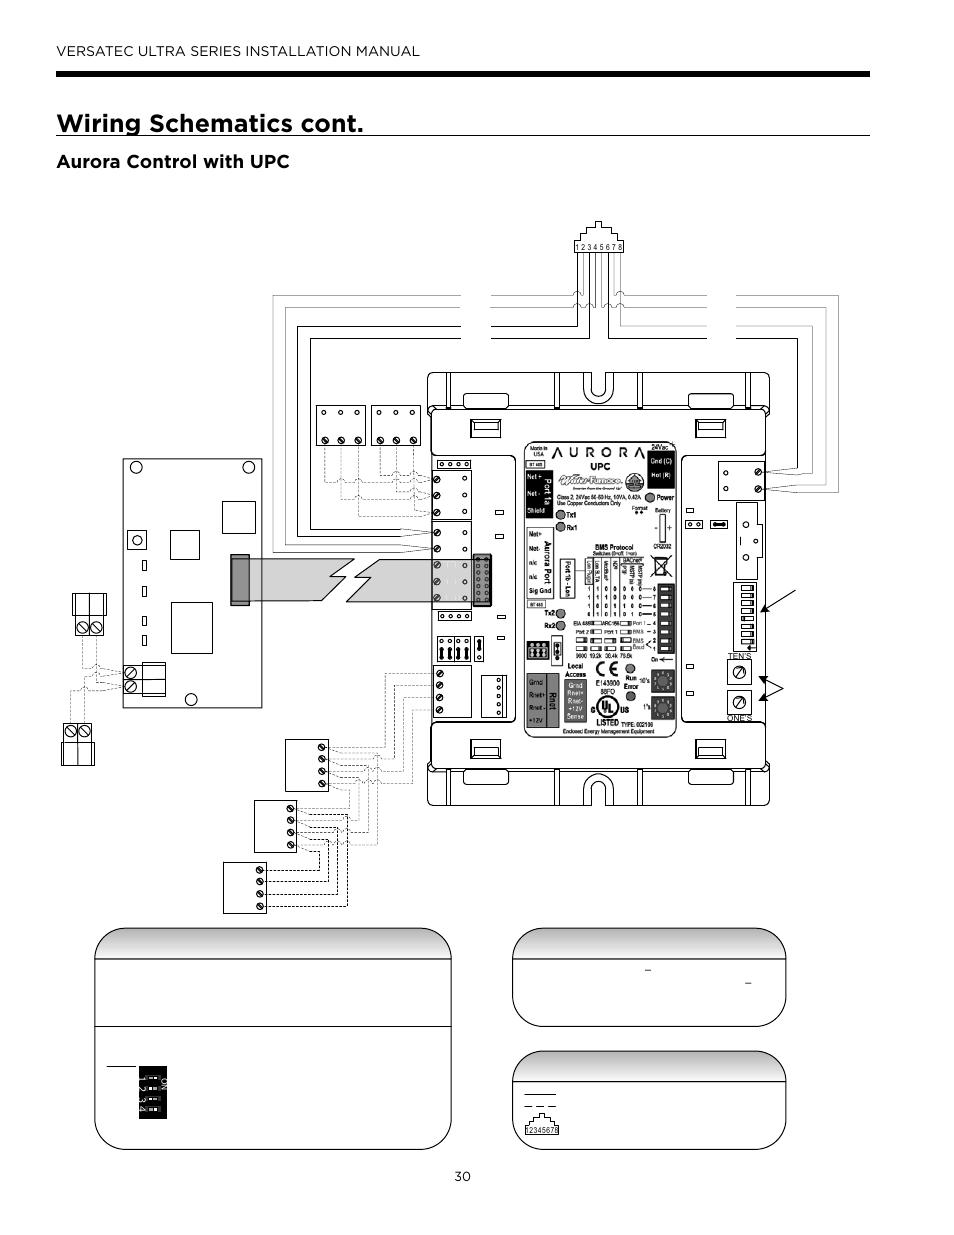 Wiring schematics cont, Aurora control with upc, Zs sensor